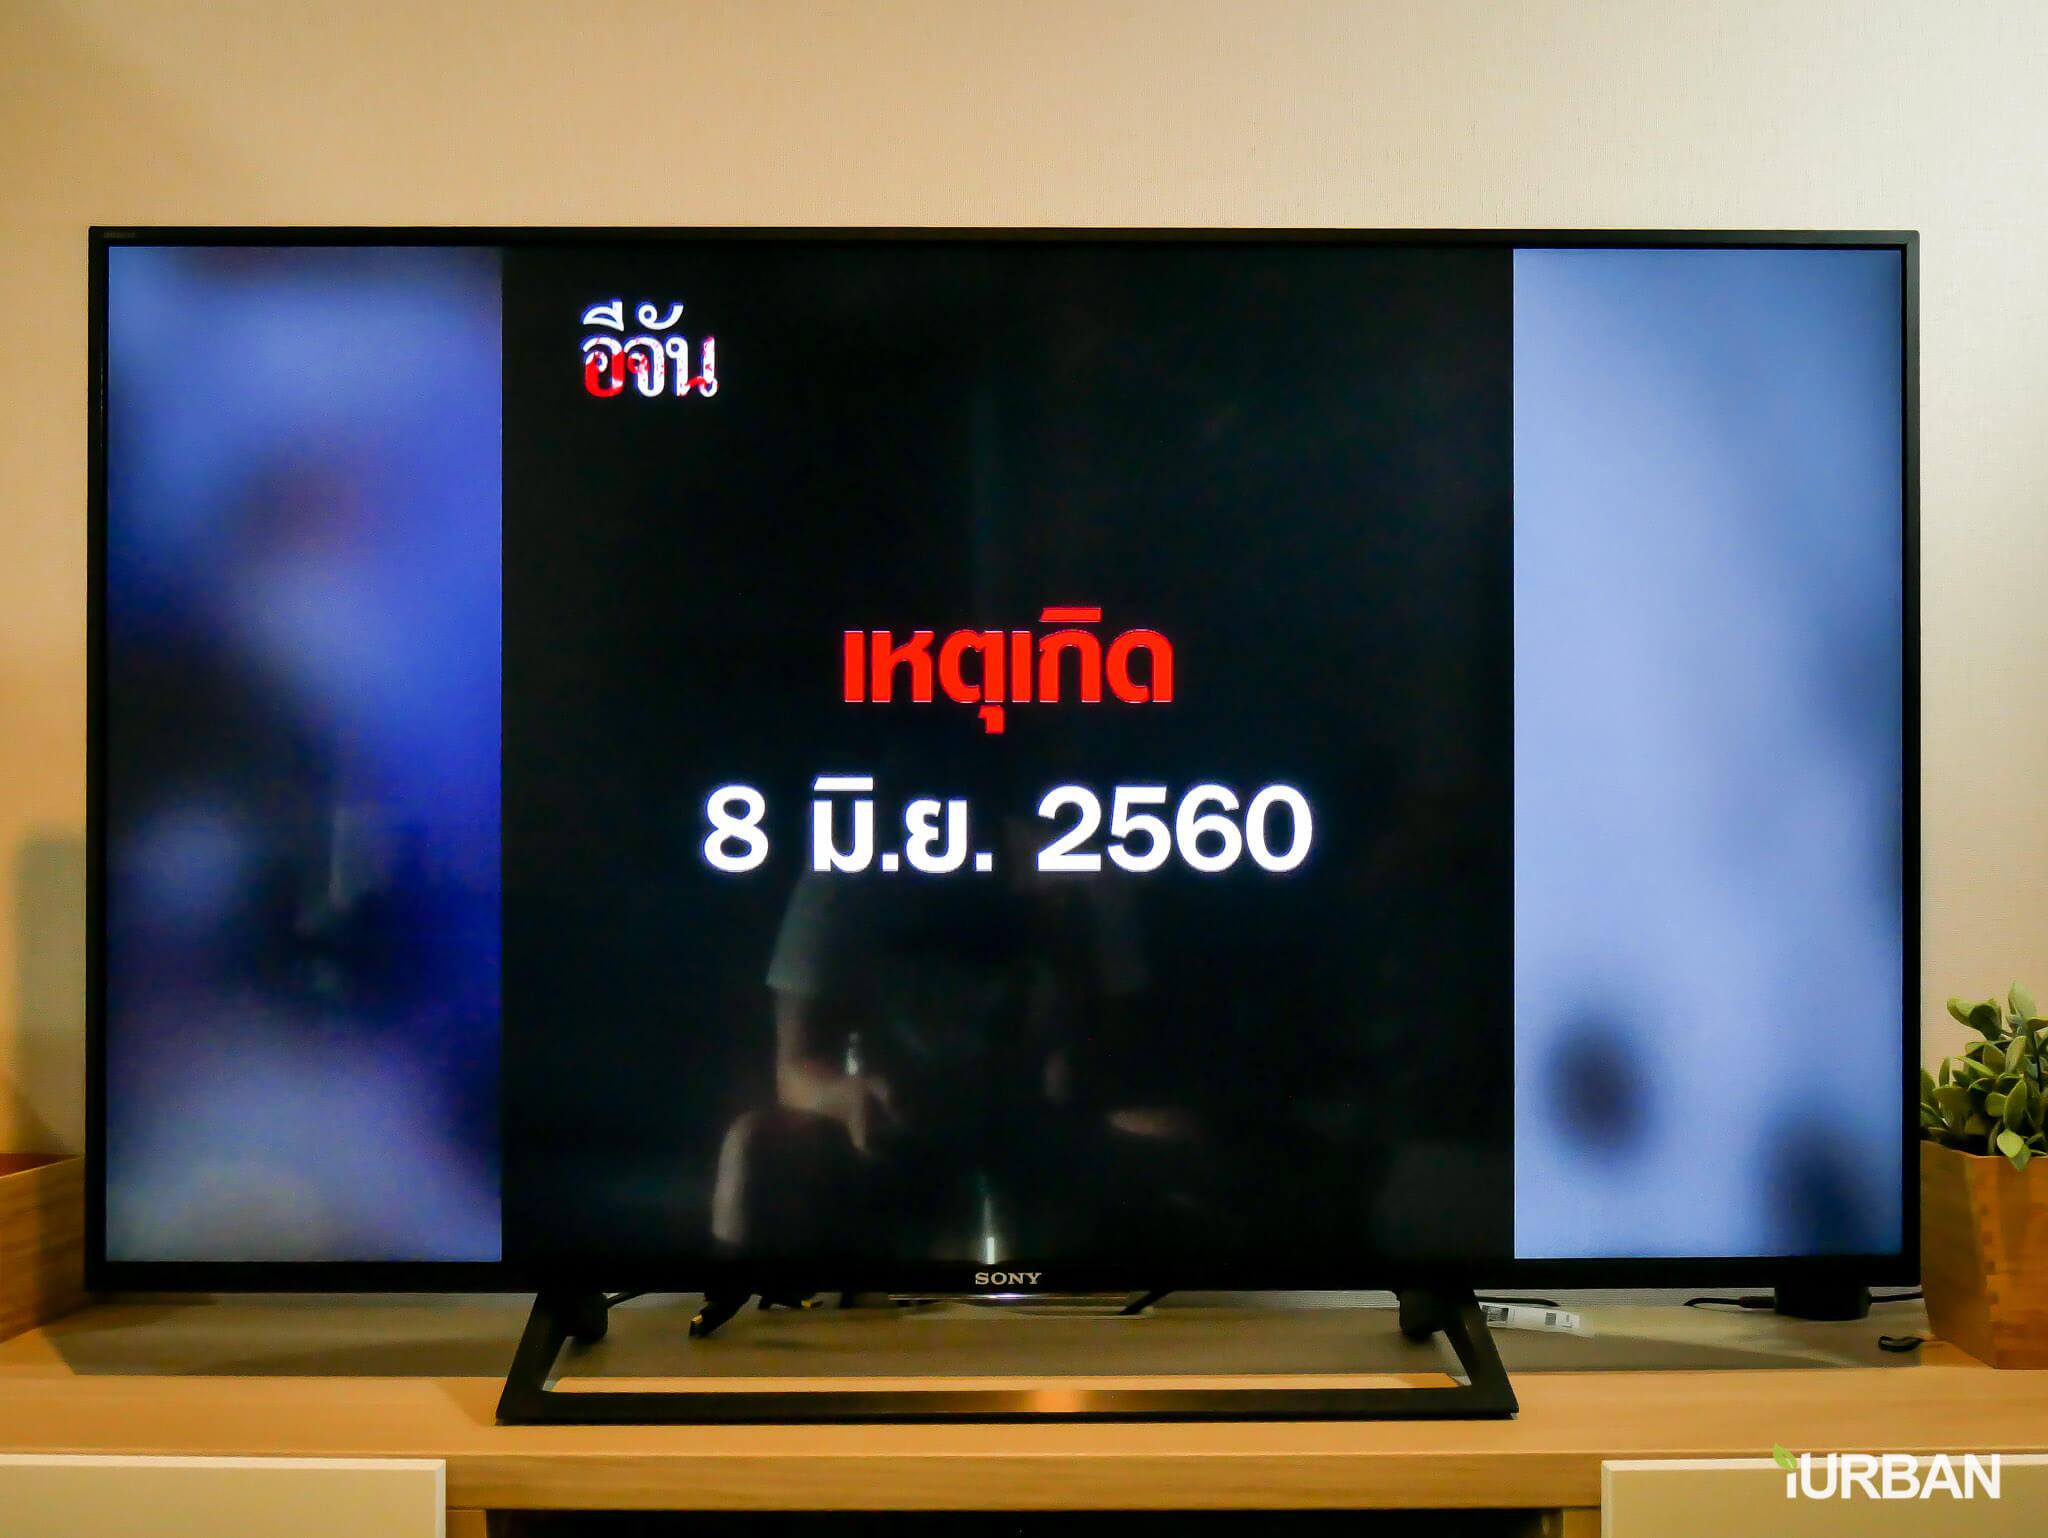 รีวิว SONY Android TV รุ่น X8000E งบ 26,990 แต่สเปค 4K HDR เชื่อมโลก Social กับทีวีอย่างสมบูรณ์แบบ 61 - Android